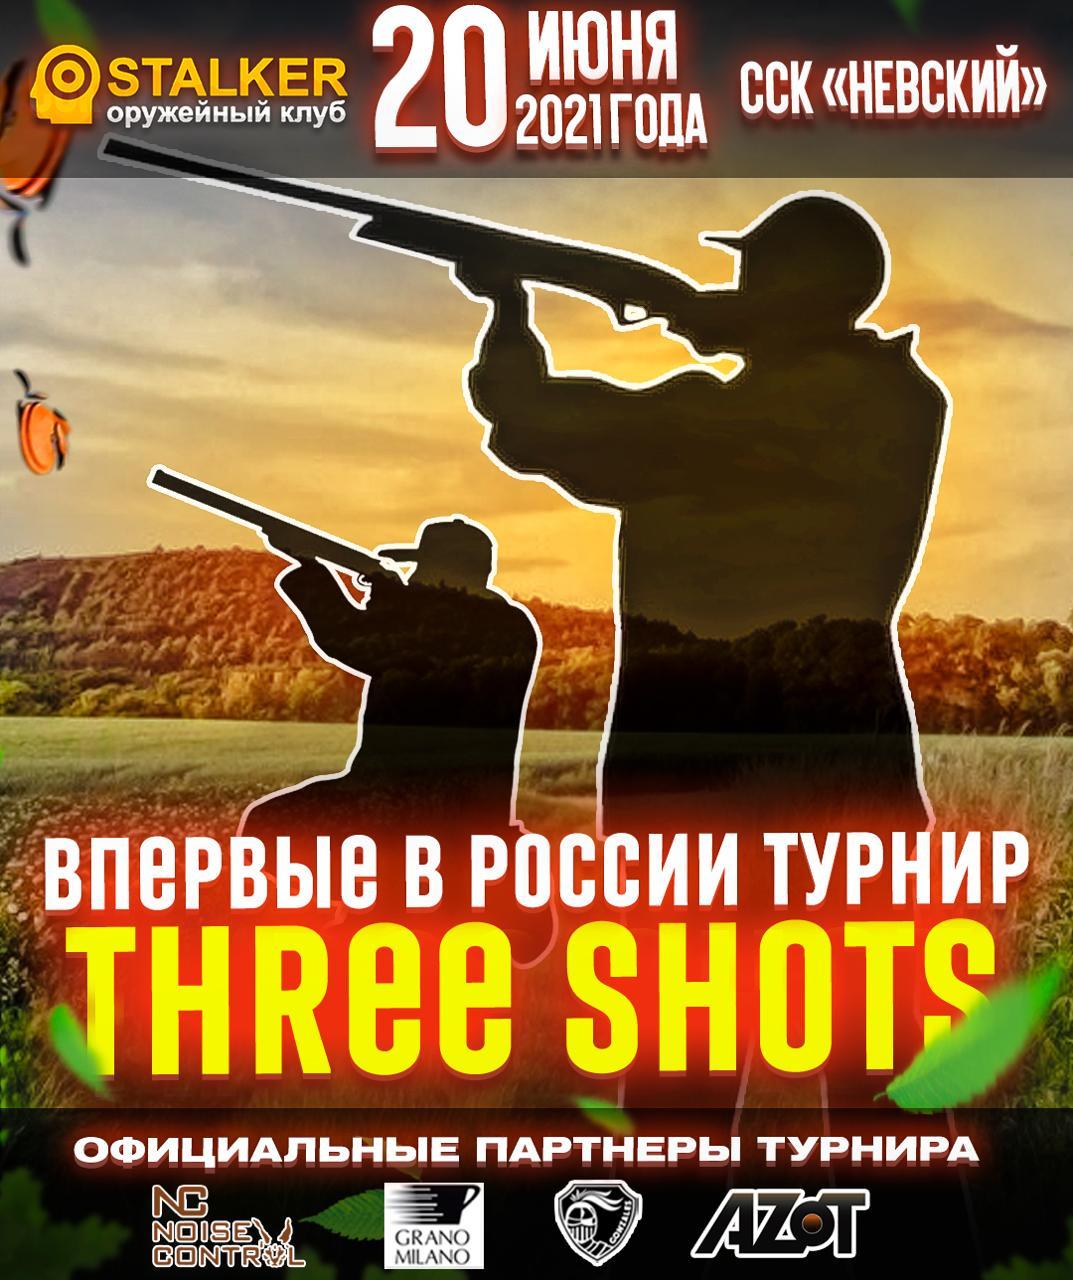 «THREE SHOOTS» -20.06.2021 г, ССК «Невский», новый турнир!